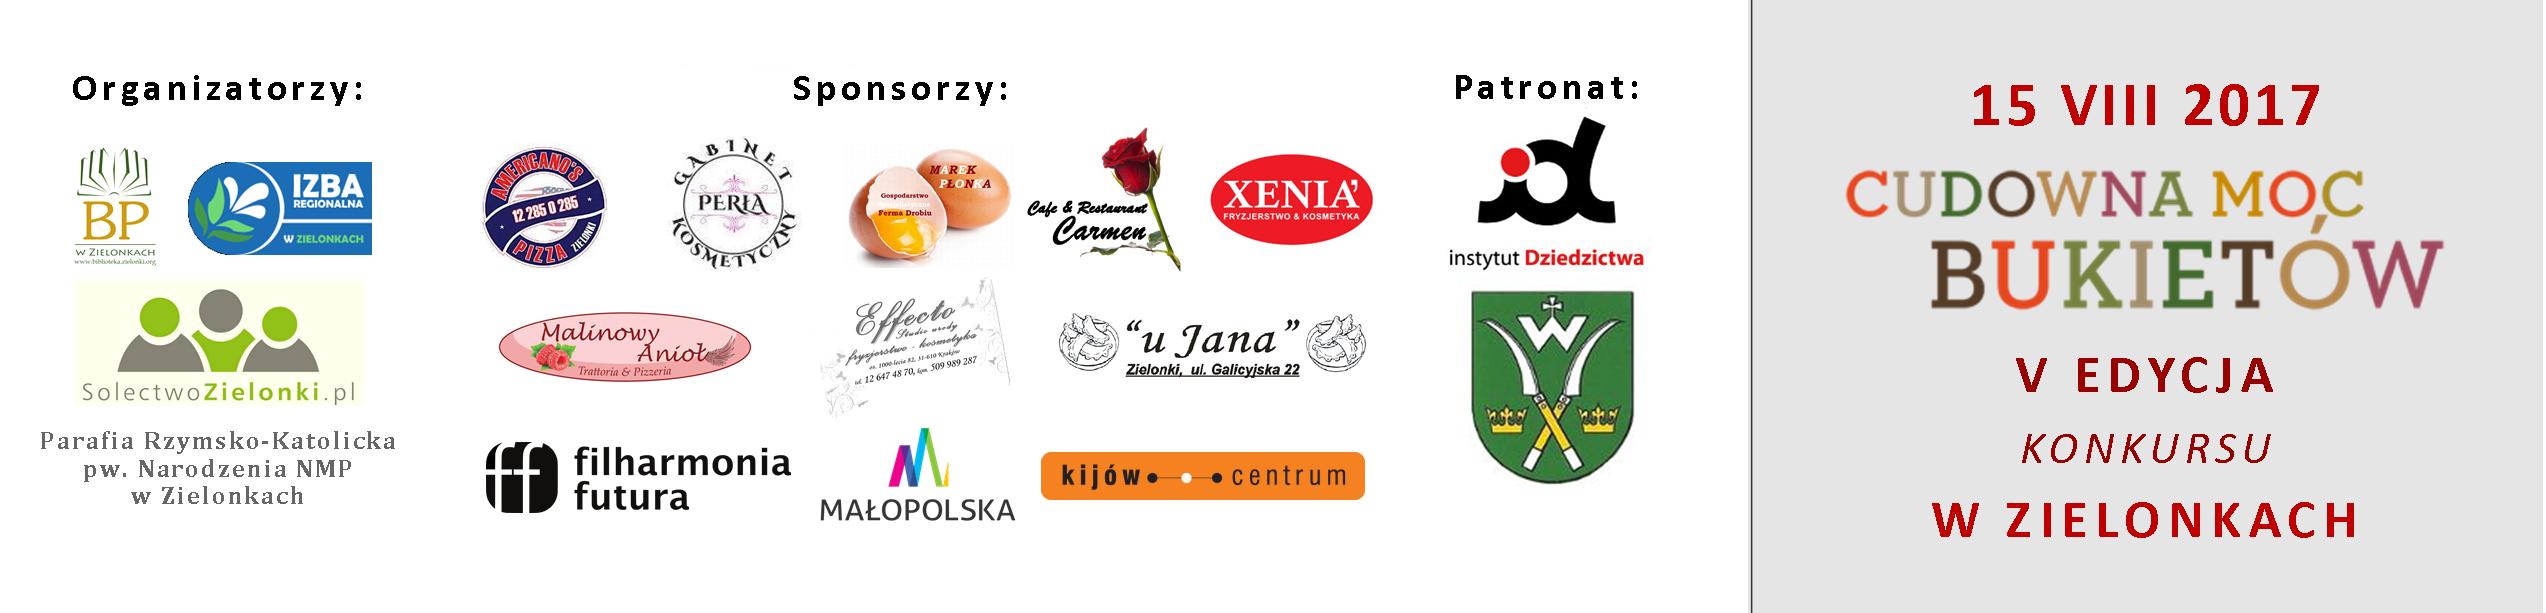 bukiety_baner_sponsorzy2017